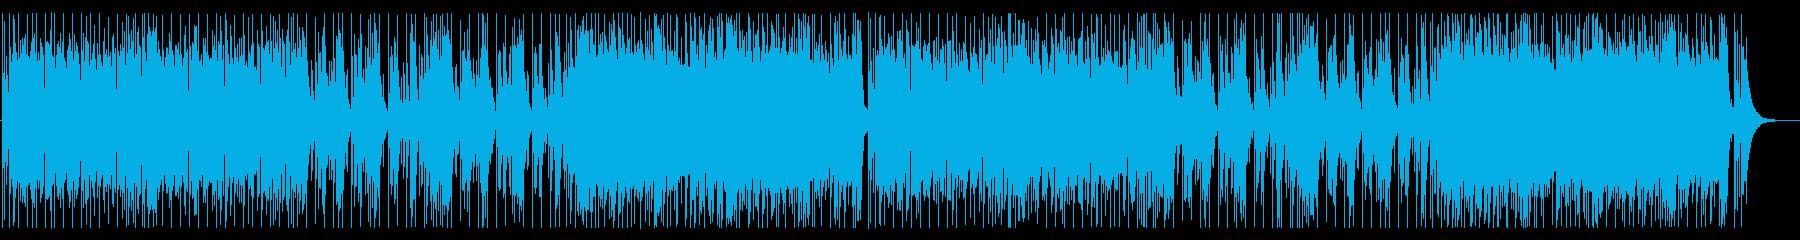 和風 ロック・疾走感の再生済みの波形